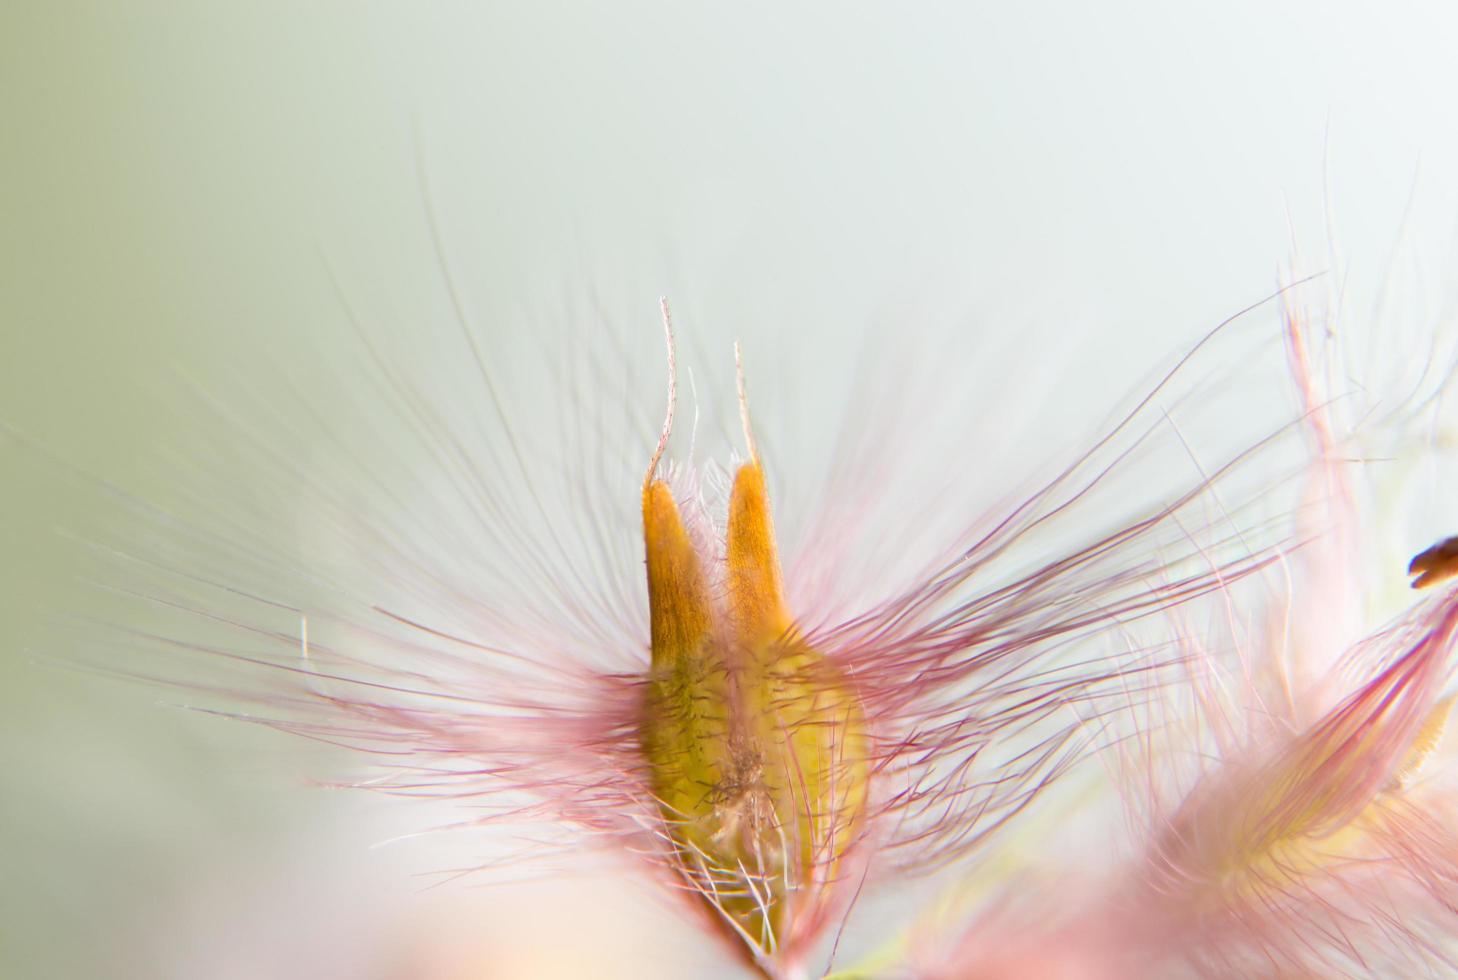 wilde bloemen, onscherpe achtergrond foto